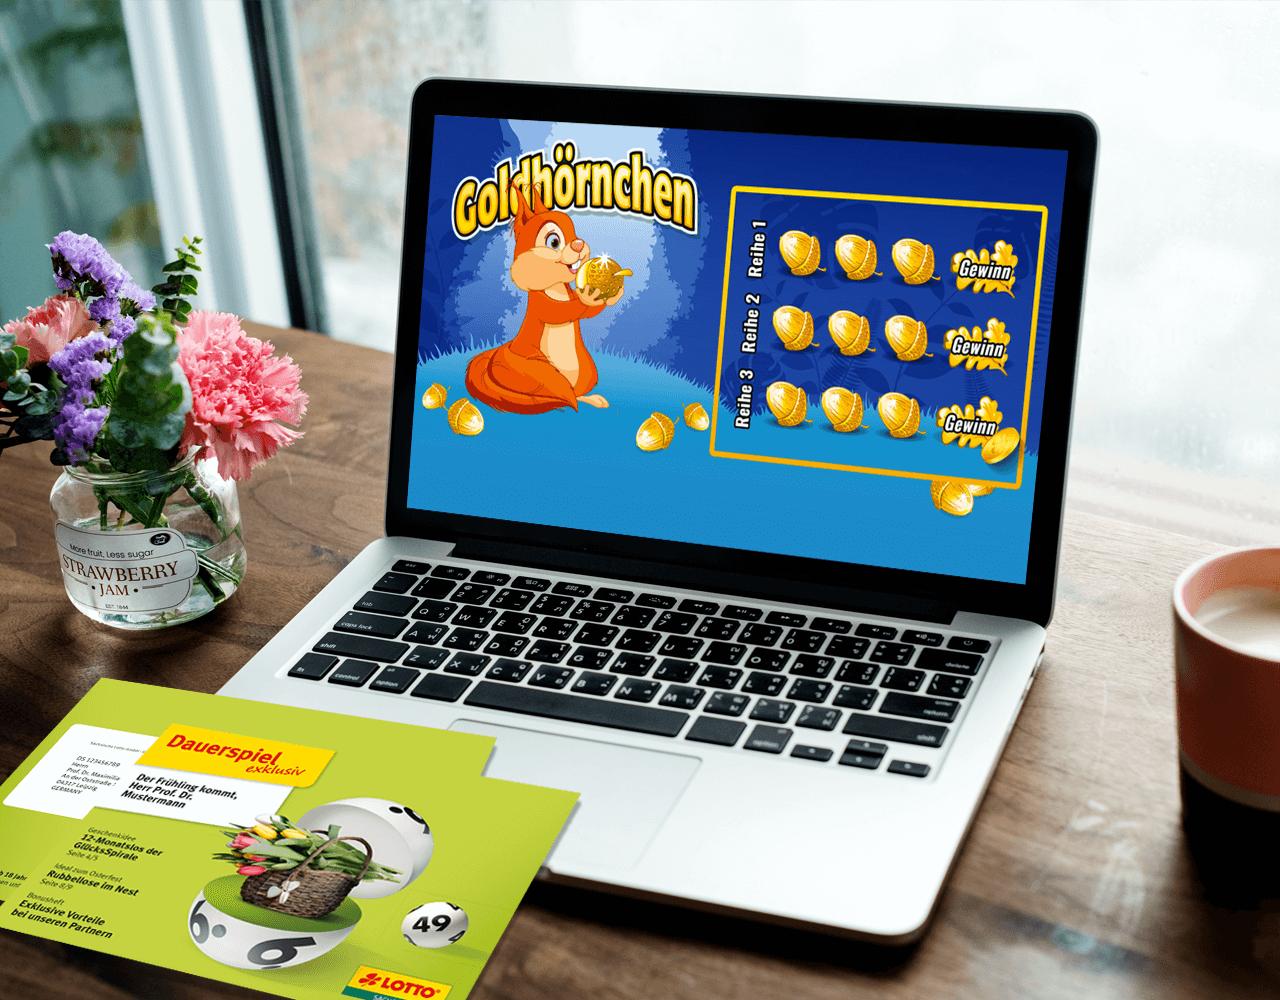 Saechsische Lotto GmbH